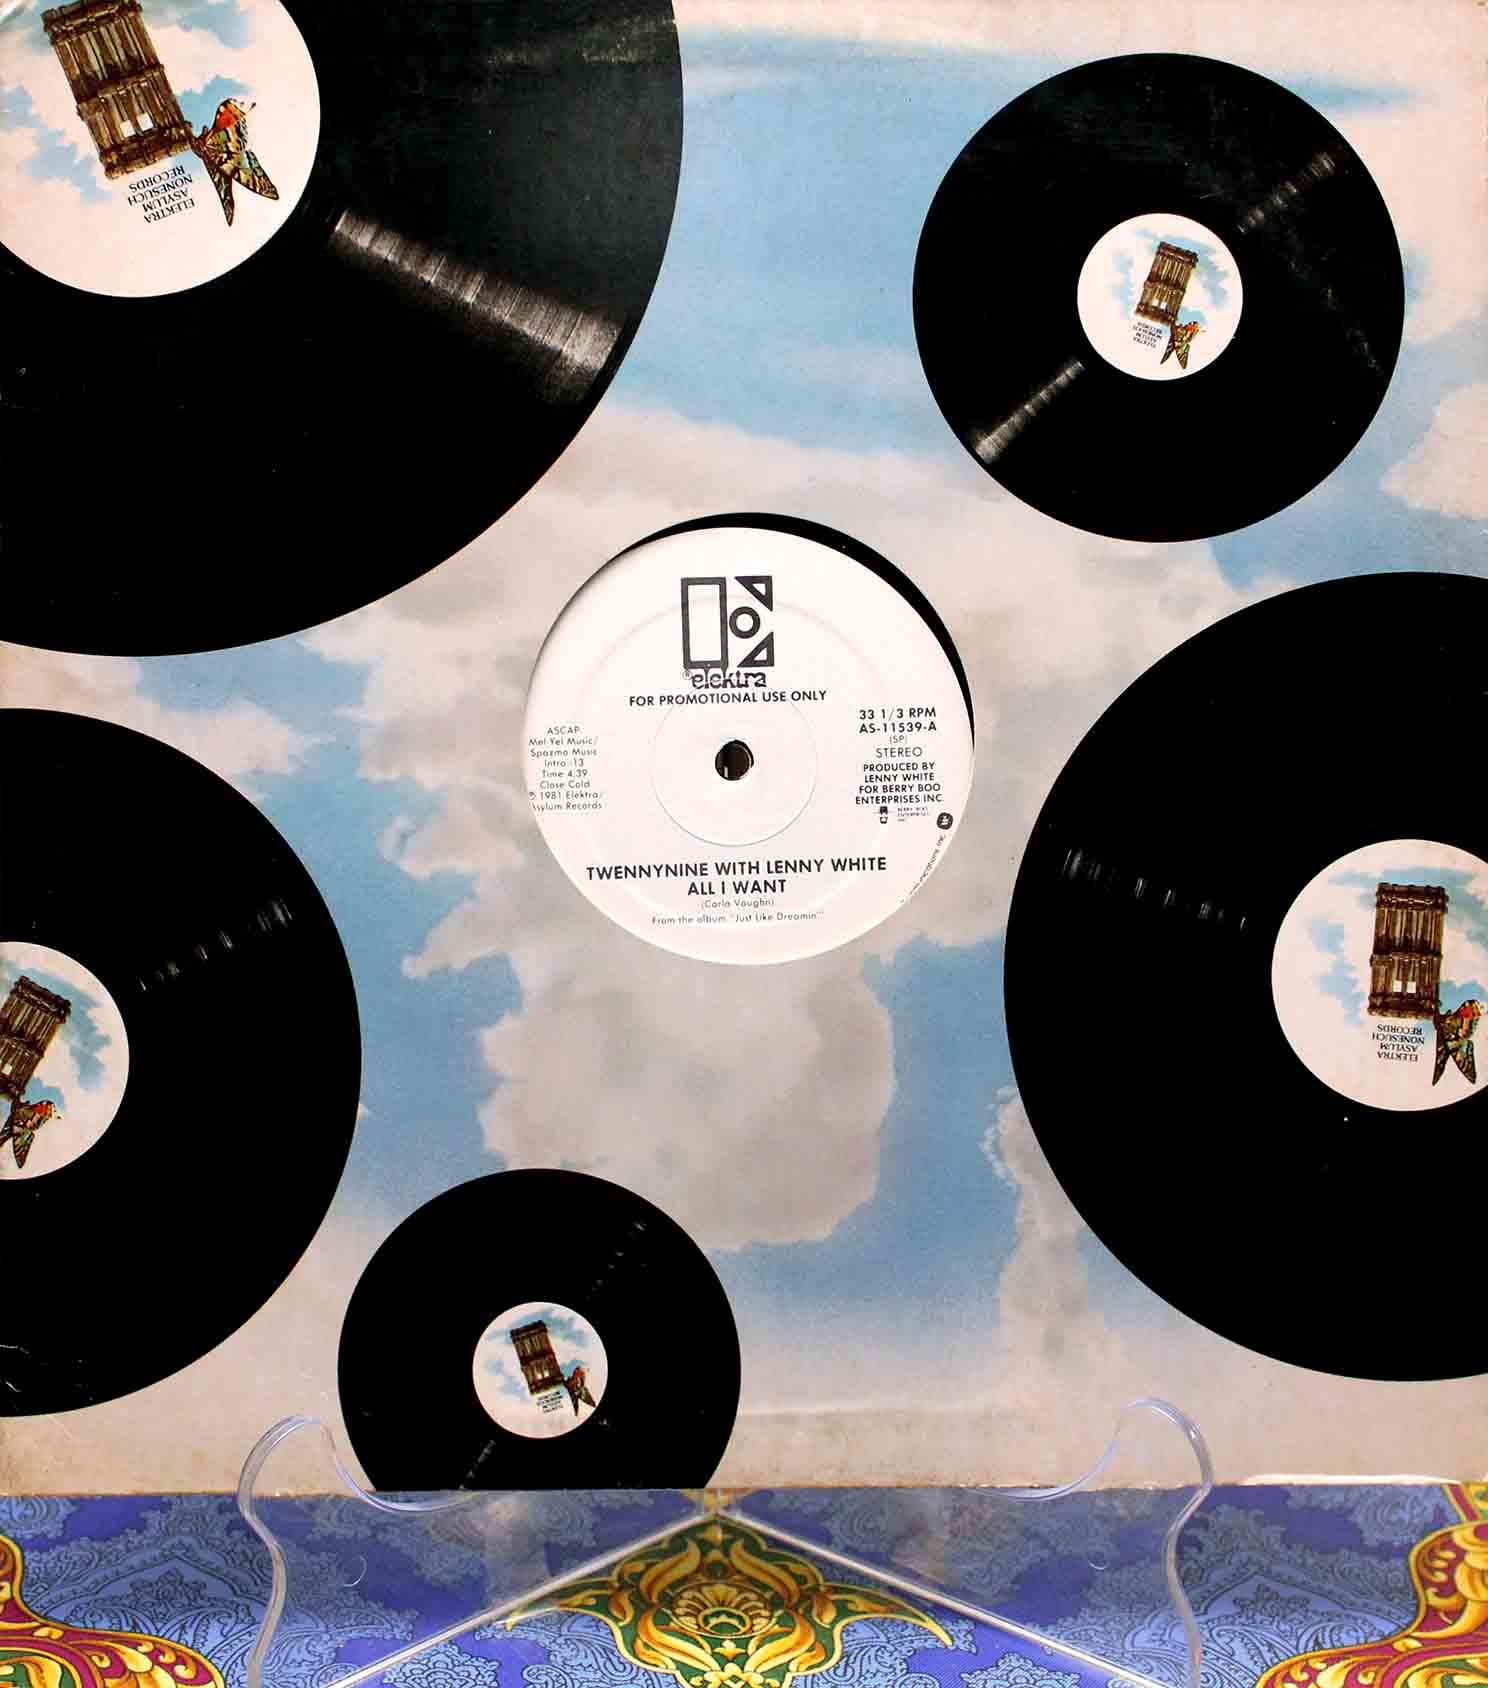 Twennynine With Lenny White - Twennynine (The Rap) 02